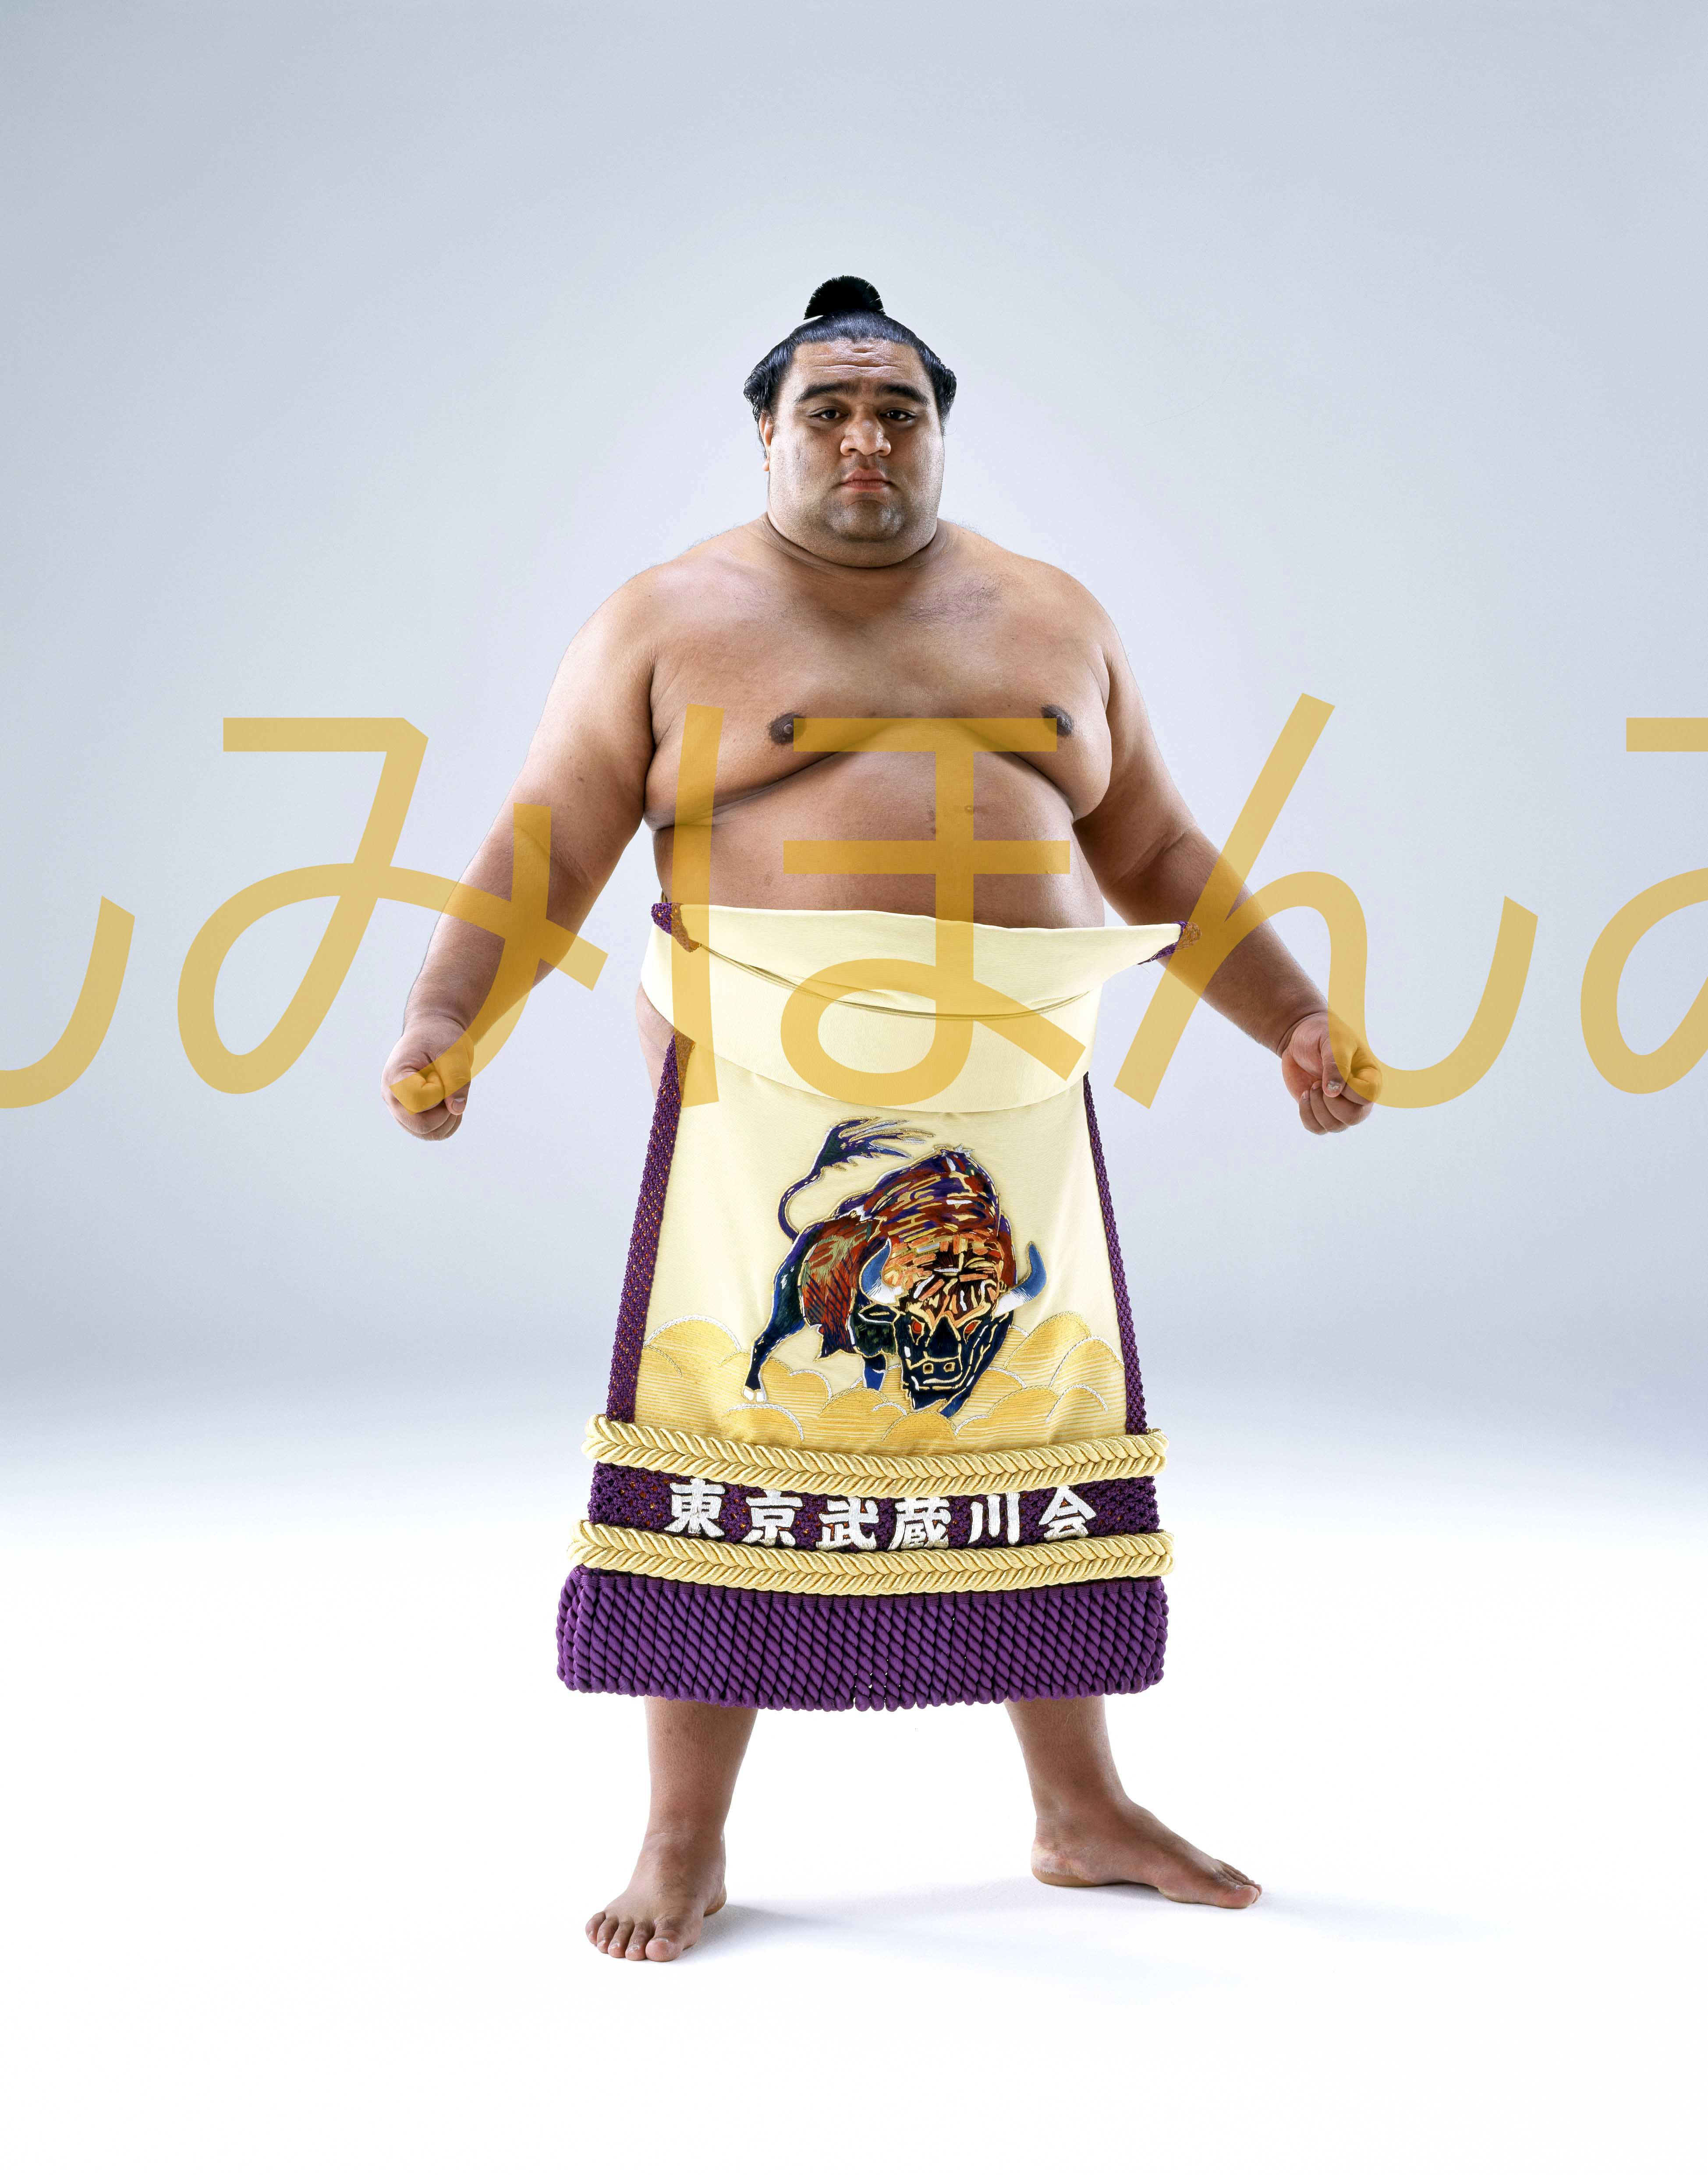 平成11年5月場所優勝 大関 武蔵丸光洋関(5回目の優勝)